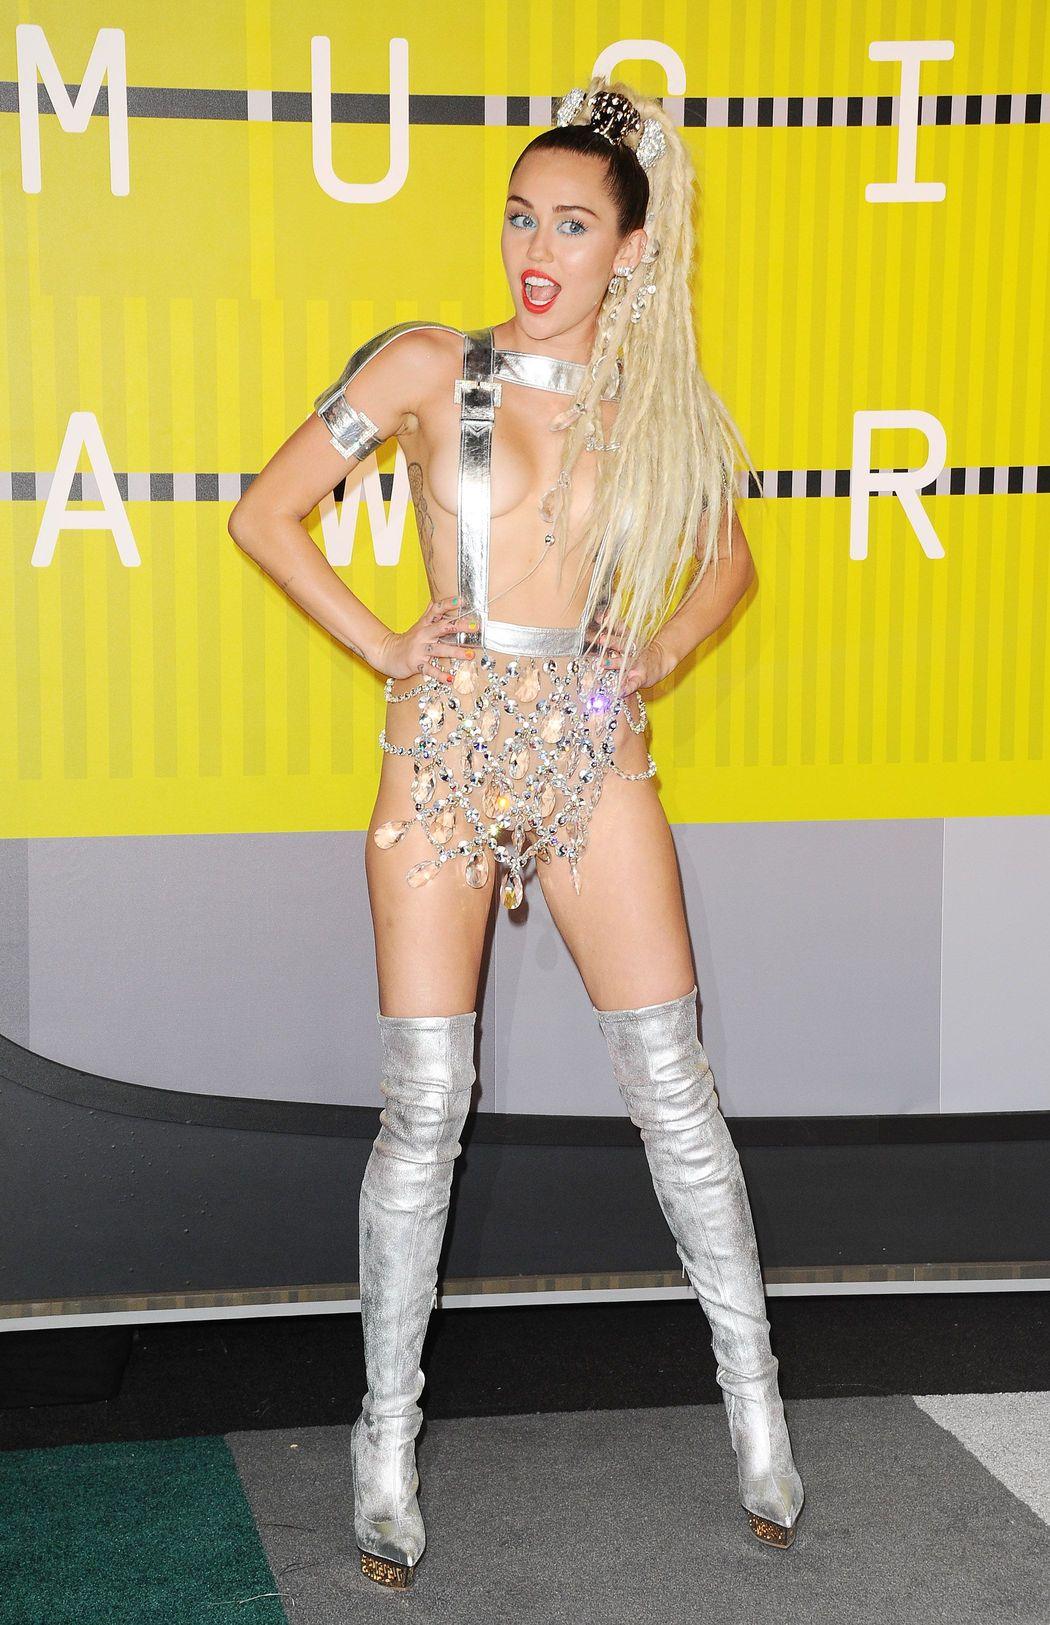 Miley-Cyrus-Sexy-40